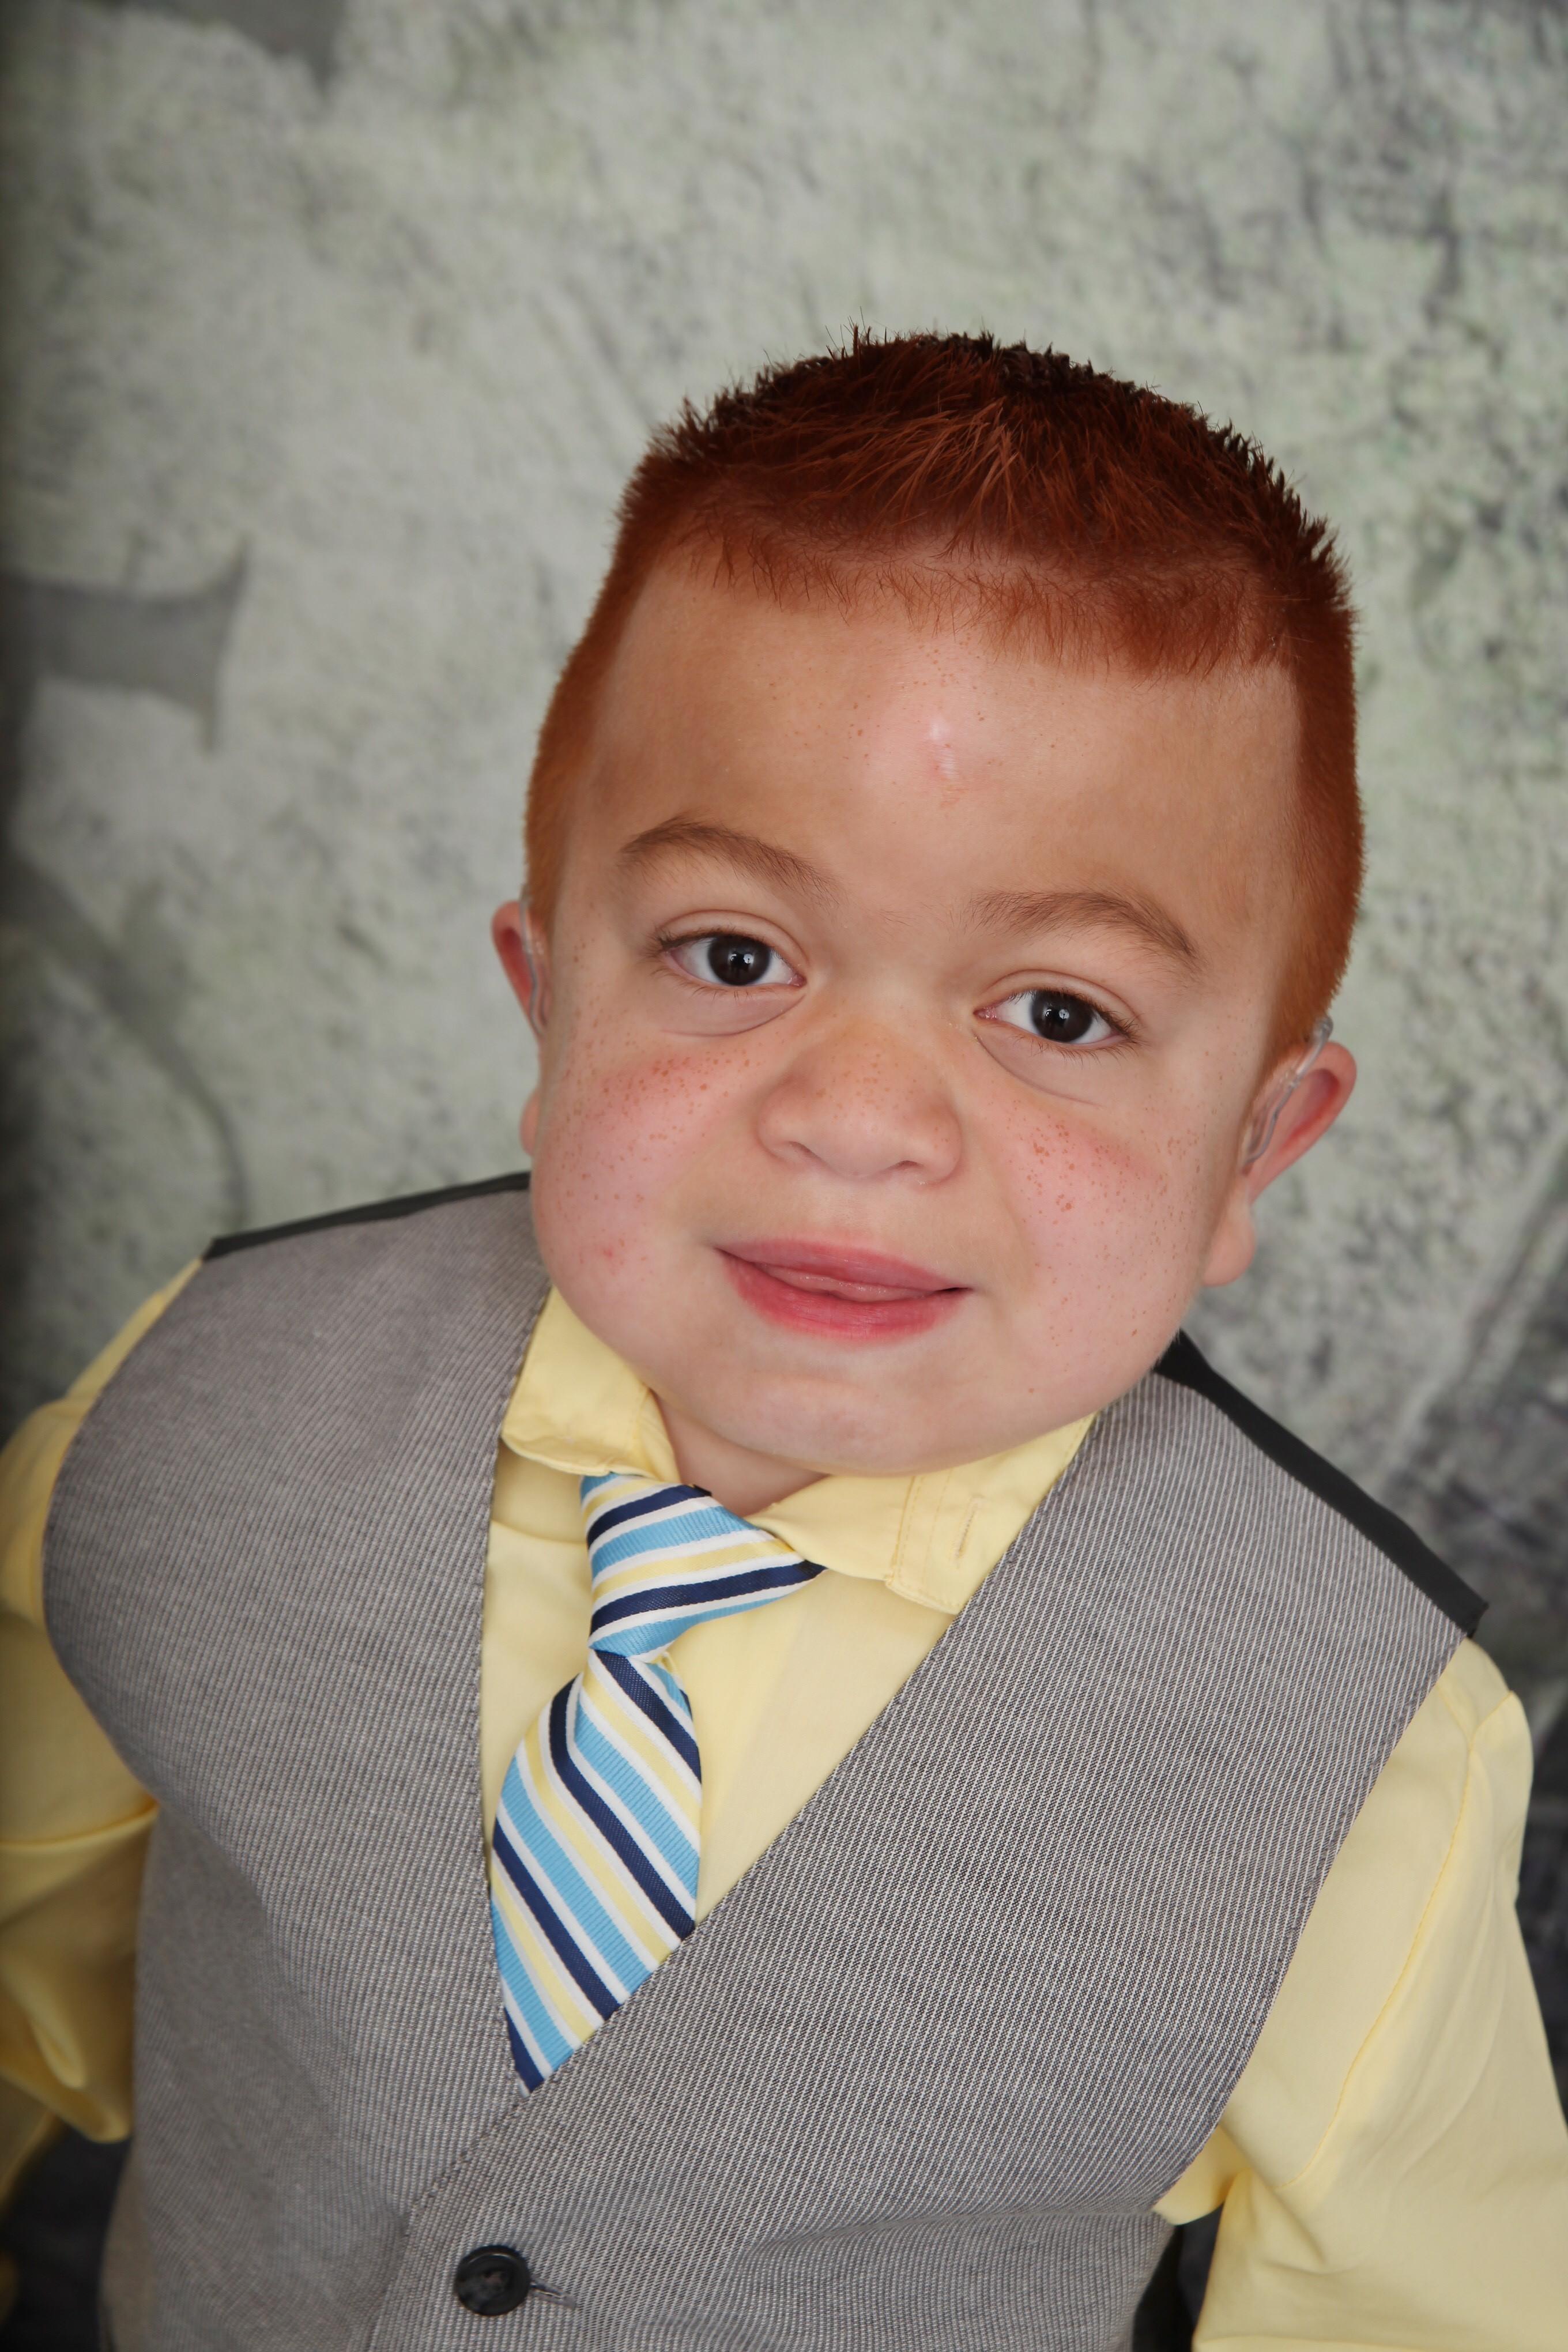 Dominic Henriquez, de 7 años, tiene el síndrome de Hunter, una rara enfermedad que afecta a muchas partes diferentes del cuerpo.